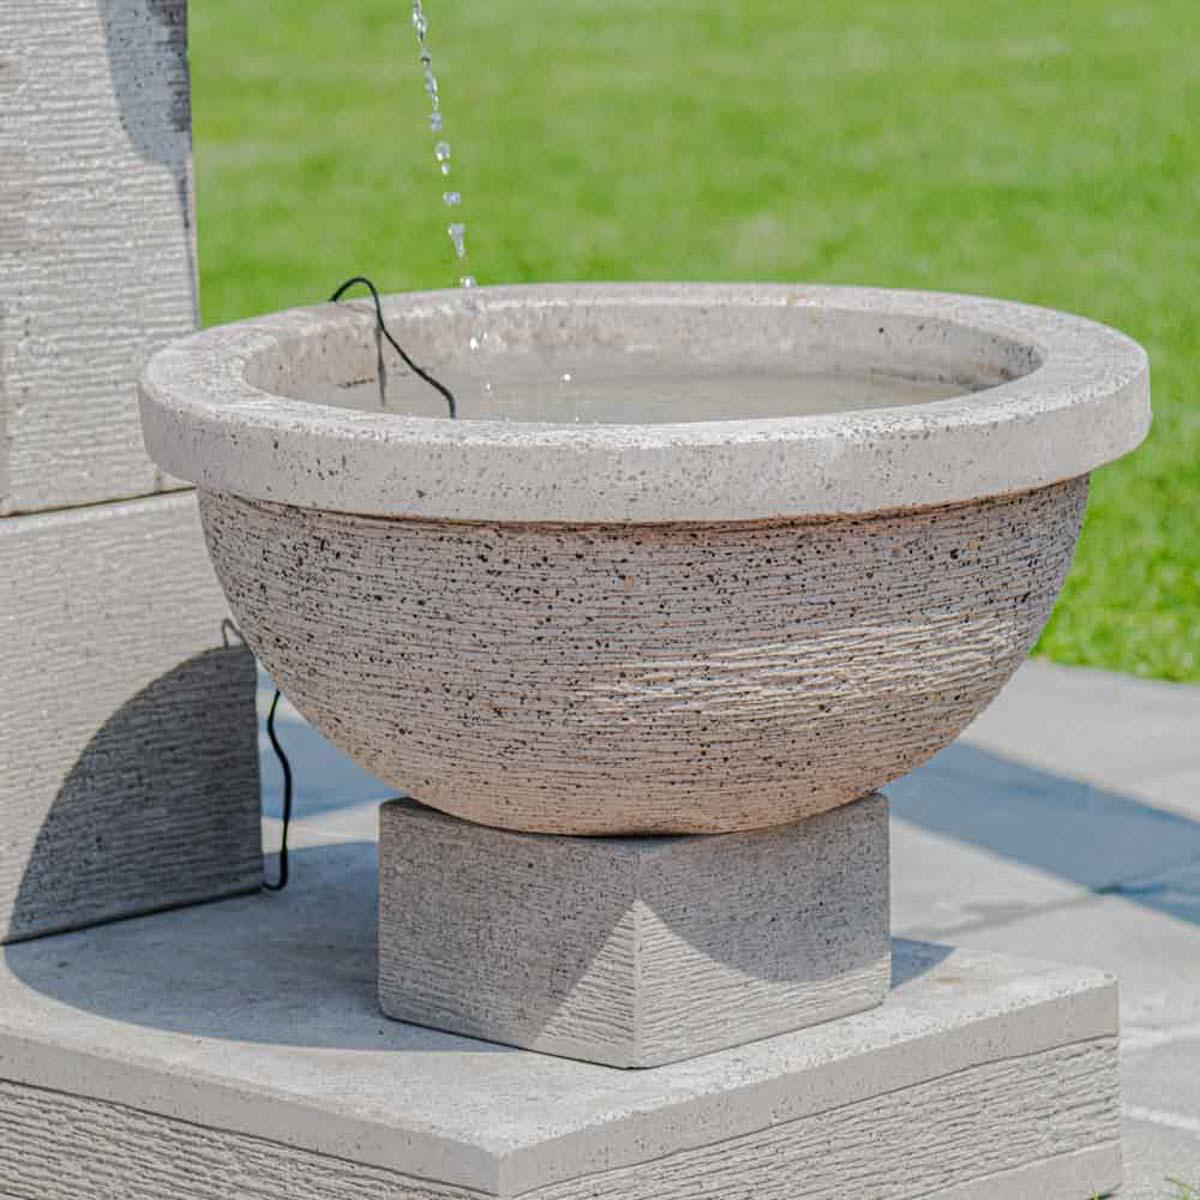 fontaine de jardin fontaine exterieur gris ciment 120cm. Black Bedroom Furniture Sets. Home Design Ideas